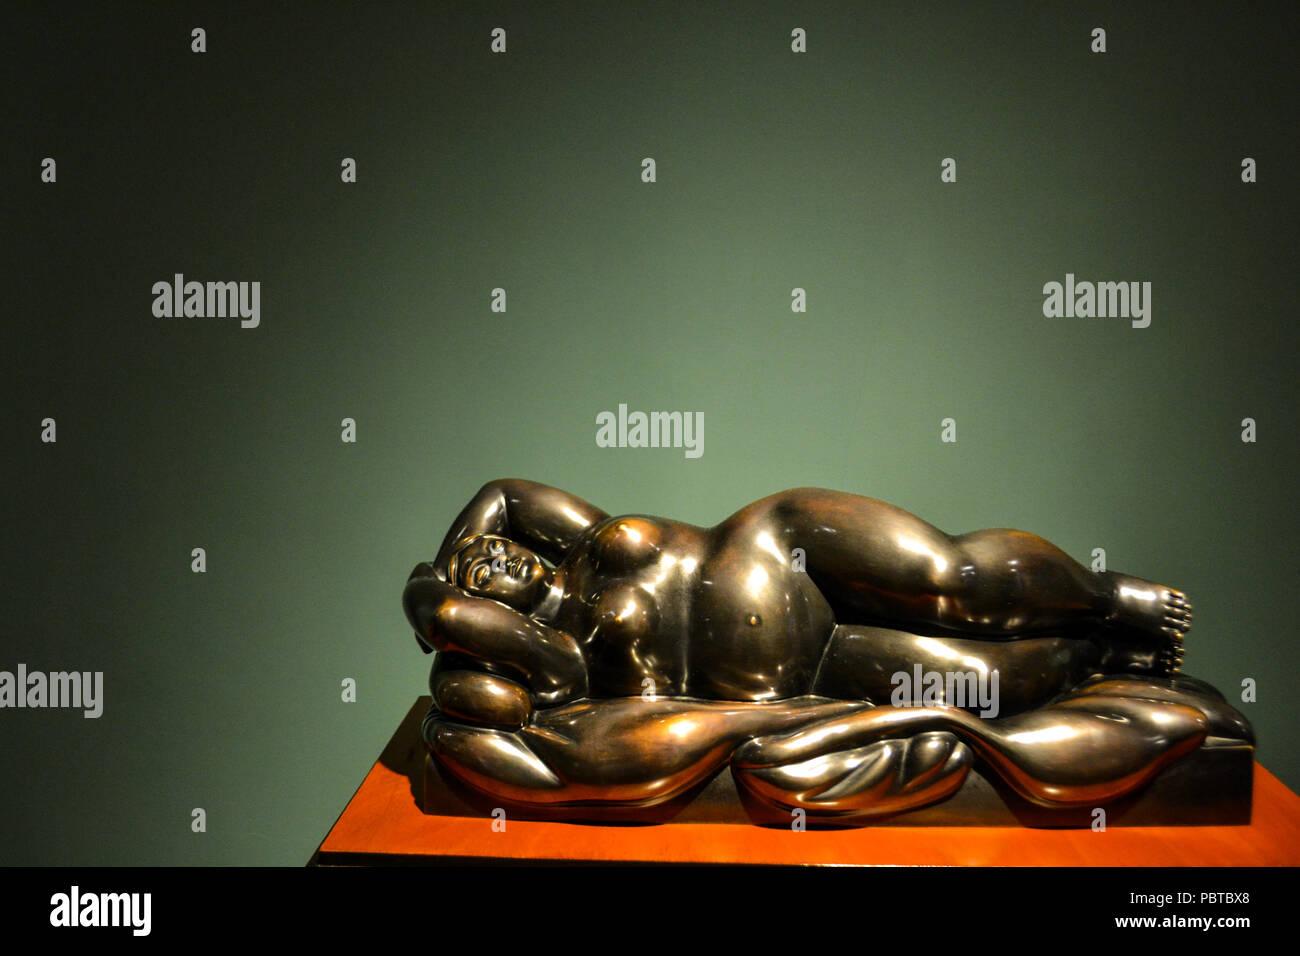 Bogotà, Colombia, ; luglio 24 2017: bella scultura realizzata da Fernando Botero Immagini Stock